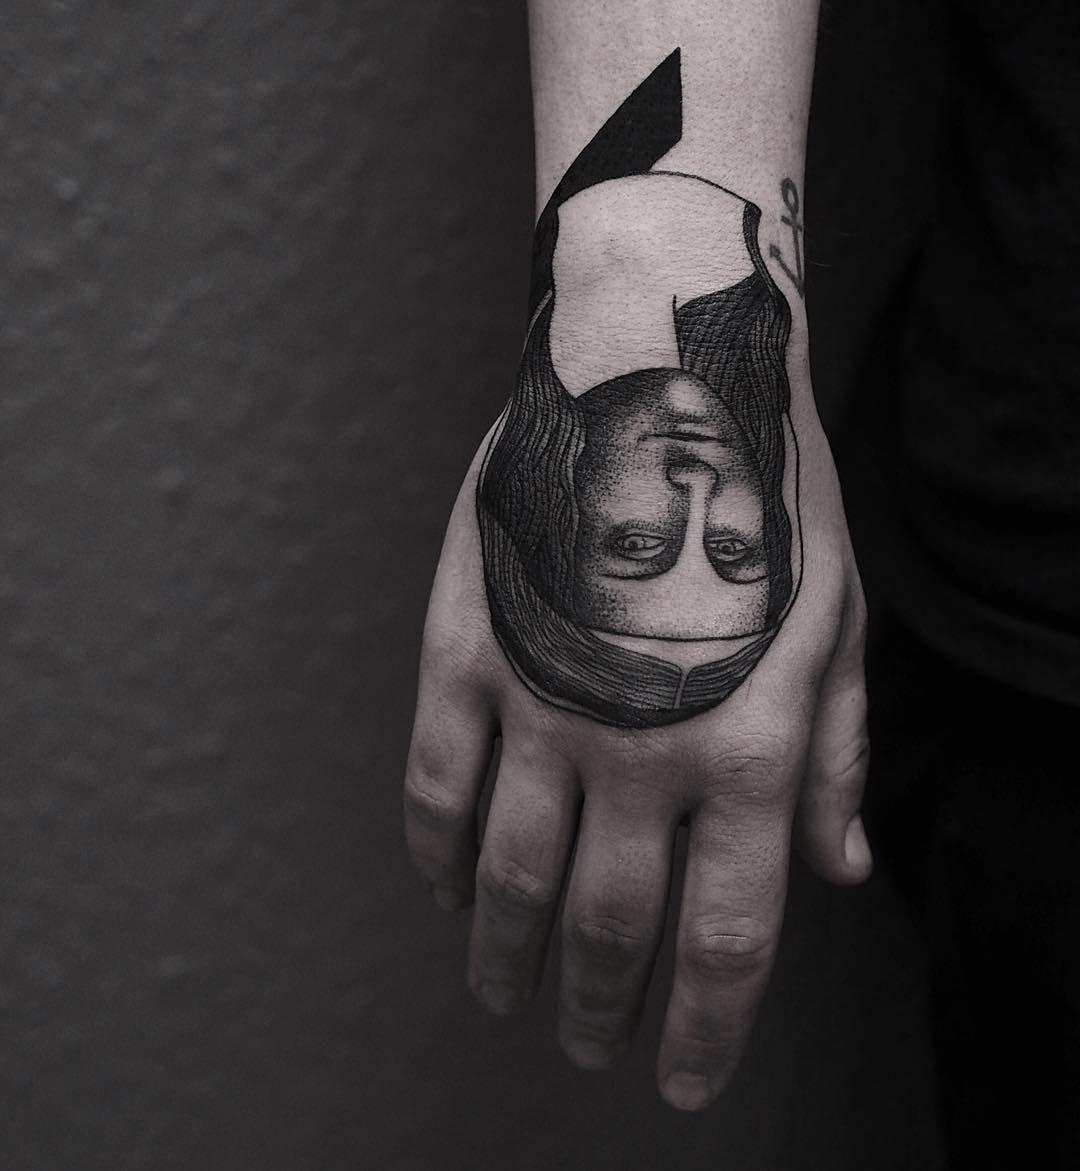 mona lisa tattoo on the hand  Tattoo Ideas   Tattoos